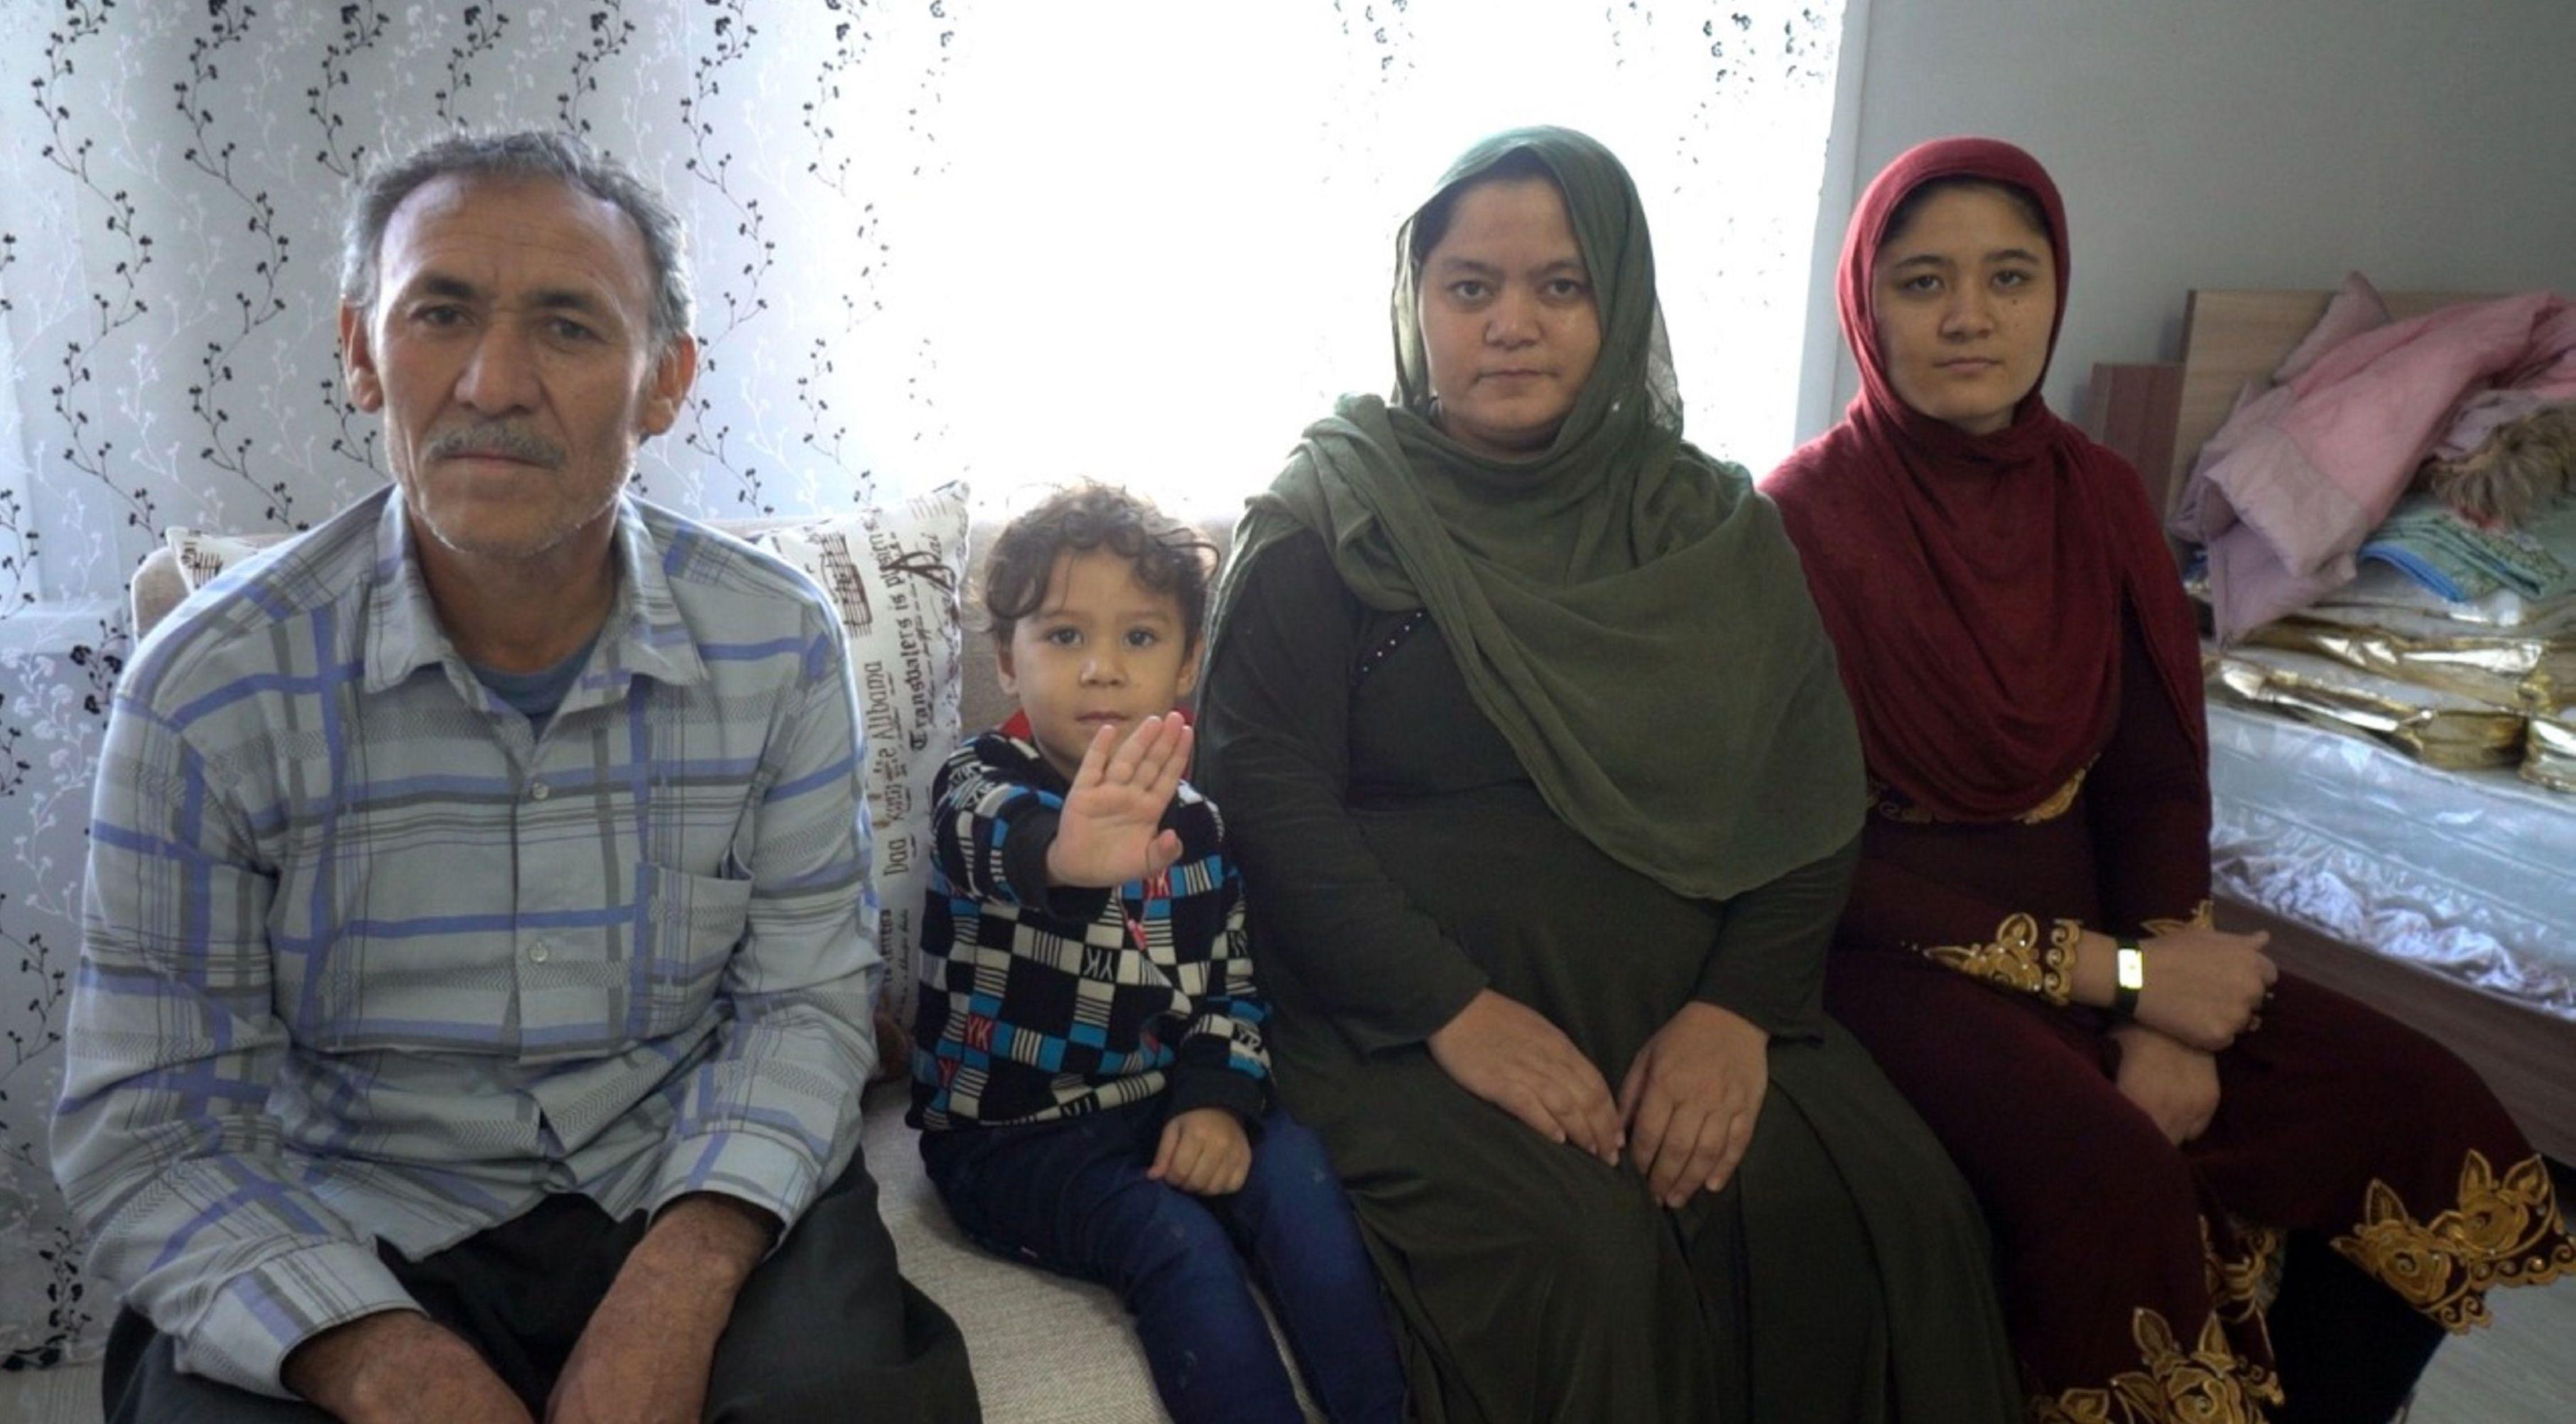 Шир Али Озбаки с семьей поселились в Кокшетау